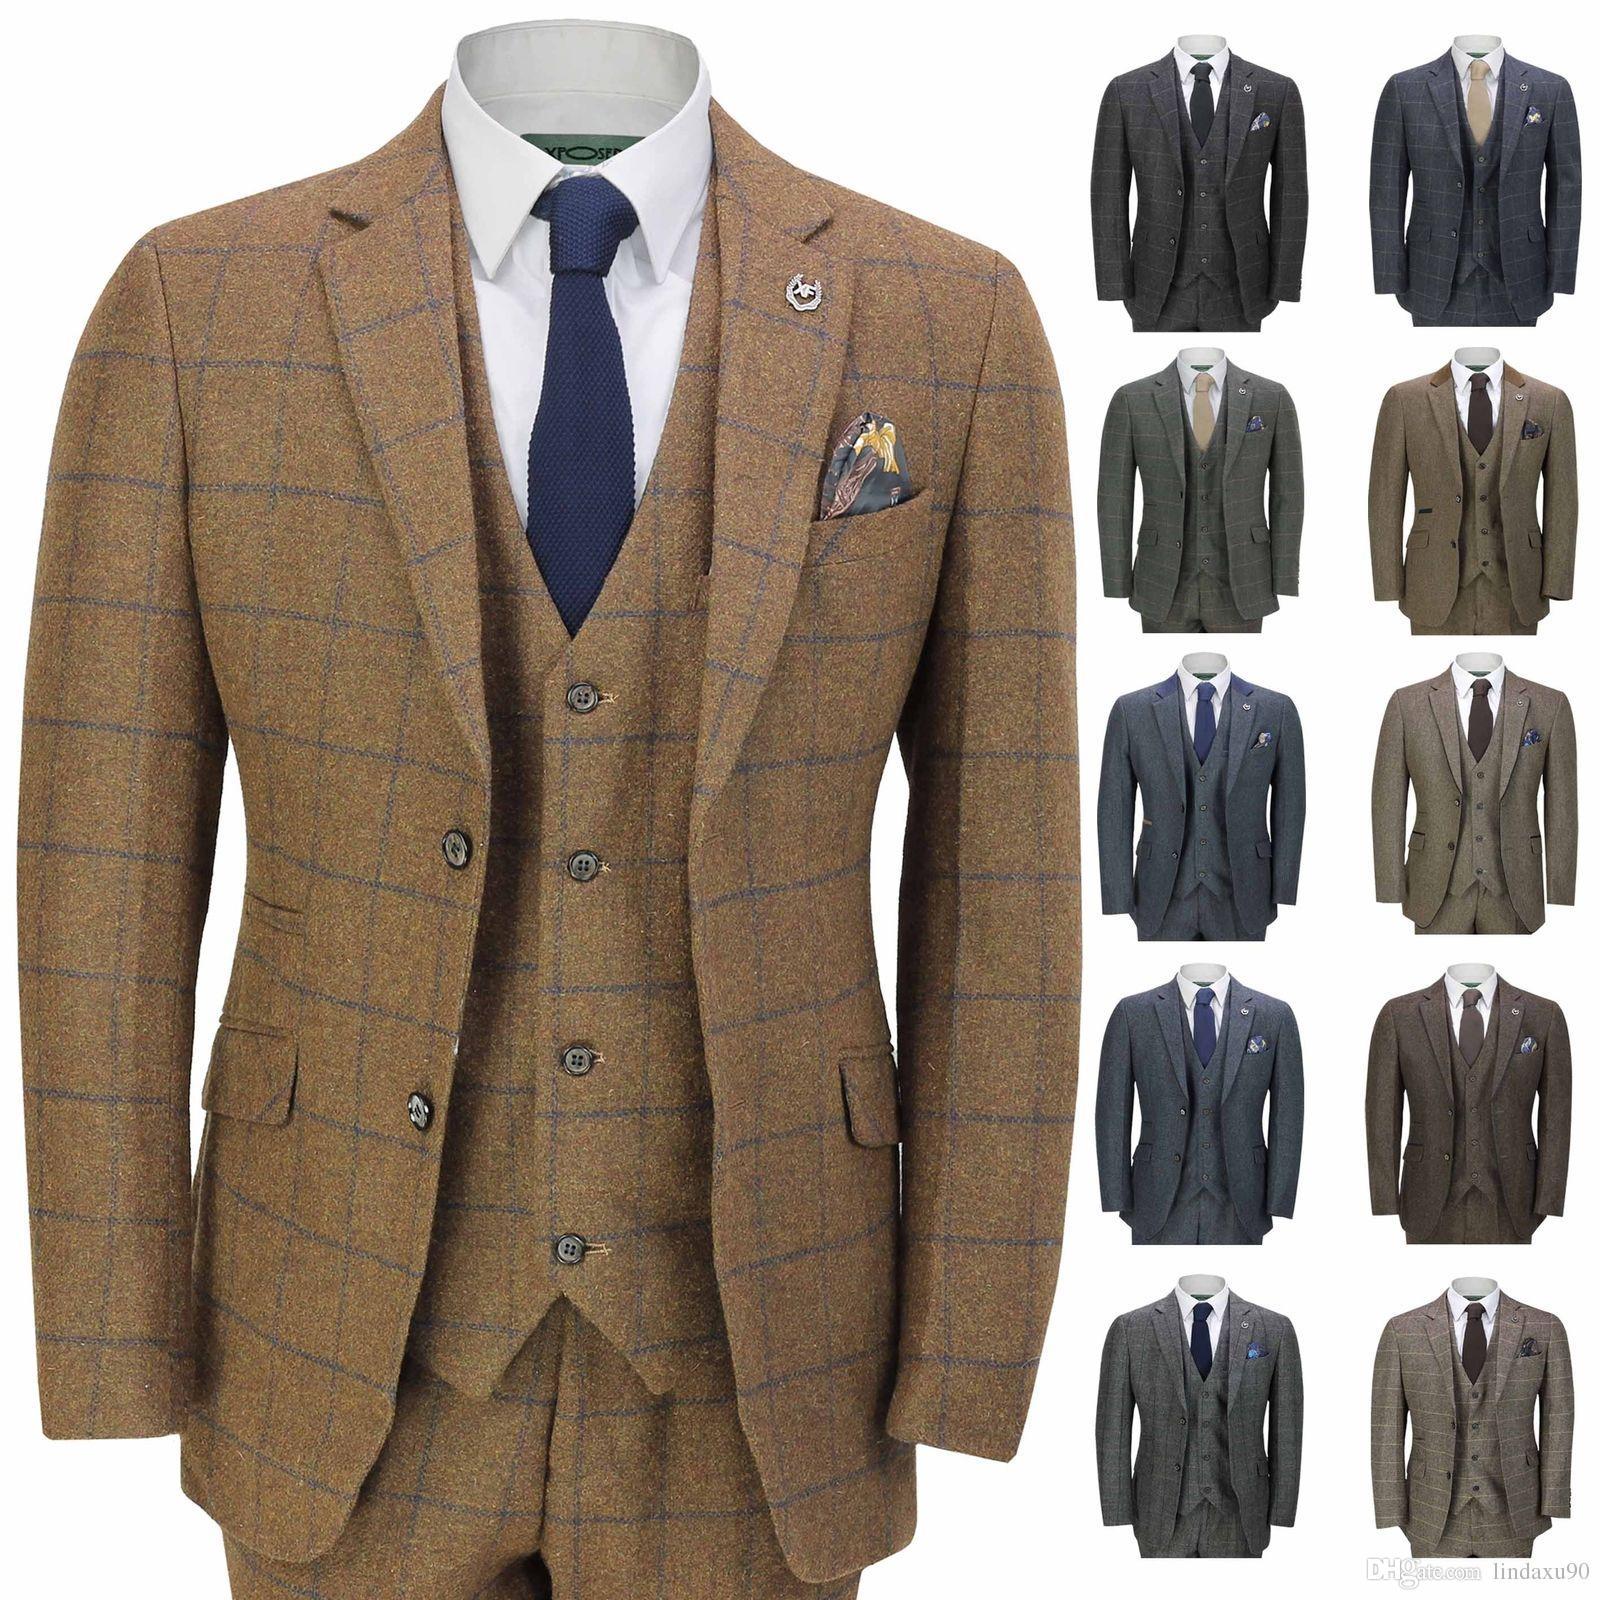 d236e6974 Hombres 3 piezas traje de Tweed Herringbone cheque Retro Peaky Blinders  adaptado mejor trajes de hombre (chaqueta pantalones chaleco) Venta caliente